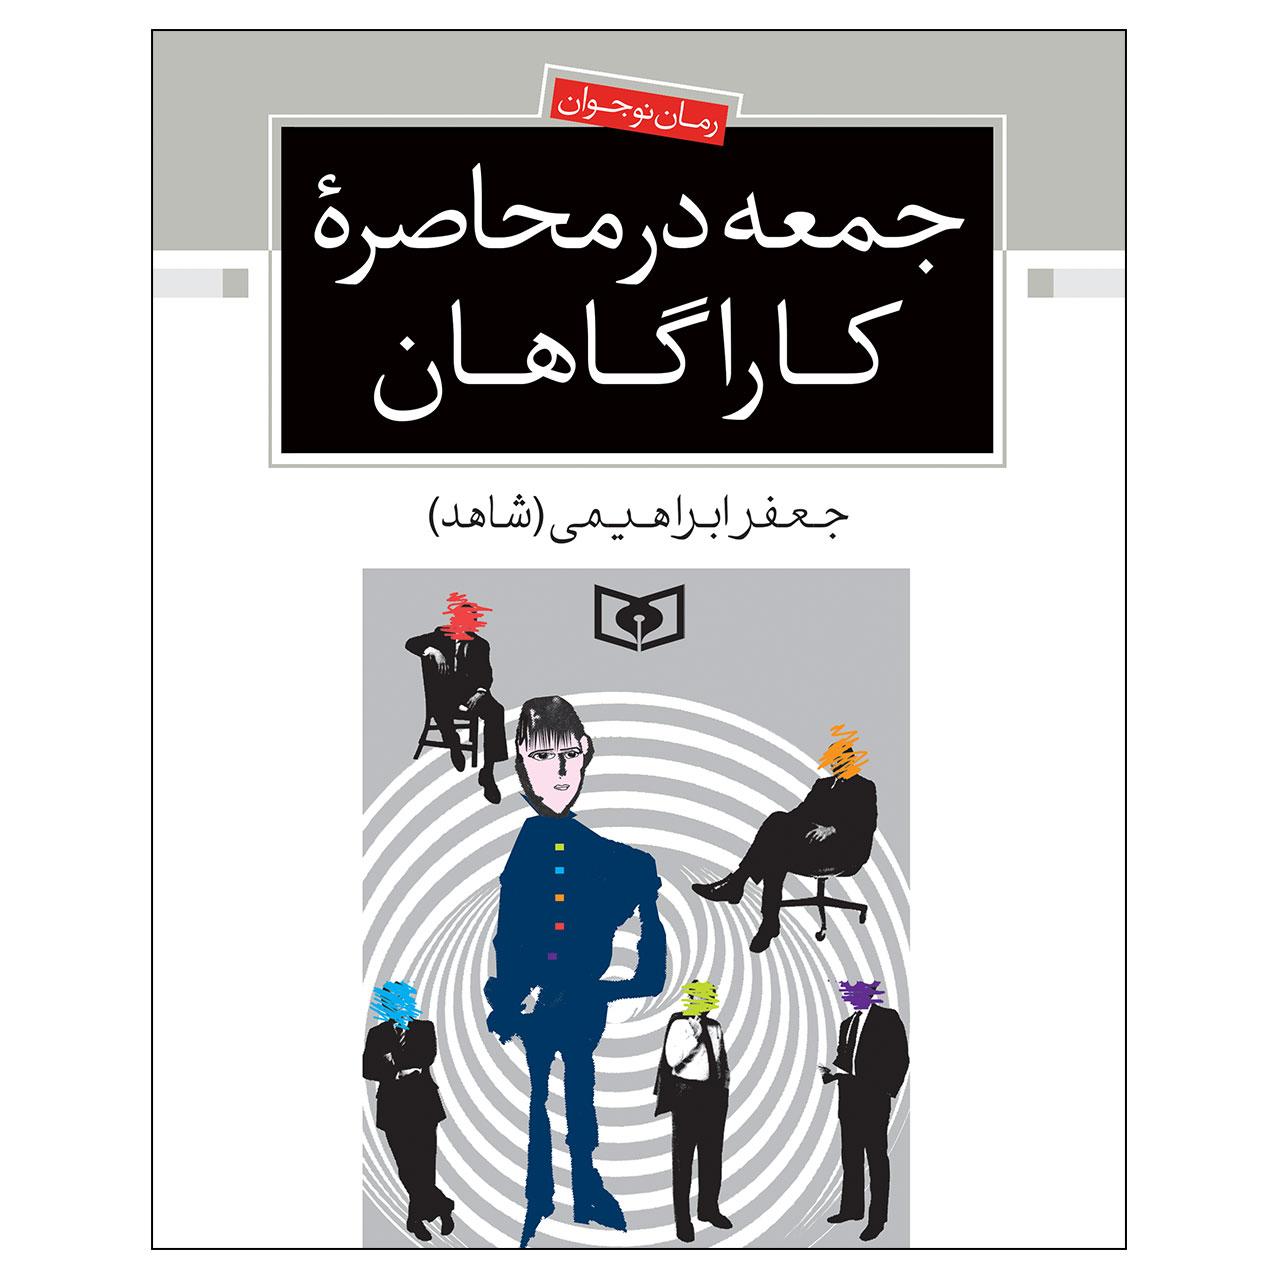 کتاب جمعه در محاصره ی کارآگاهان اثر جعفر ابراهیمی انتشارات قدیانی